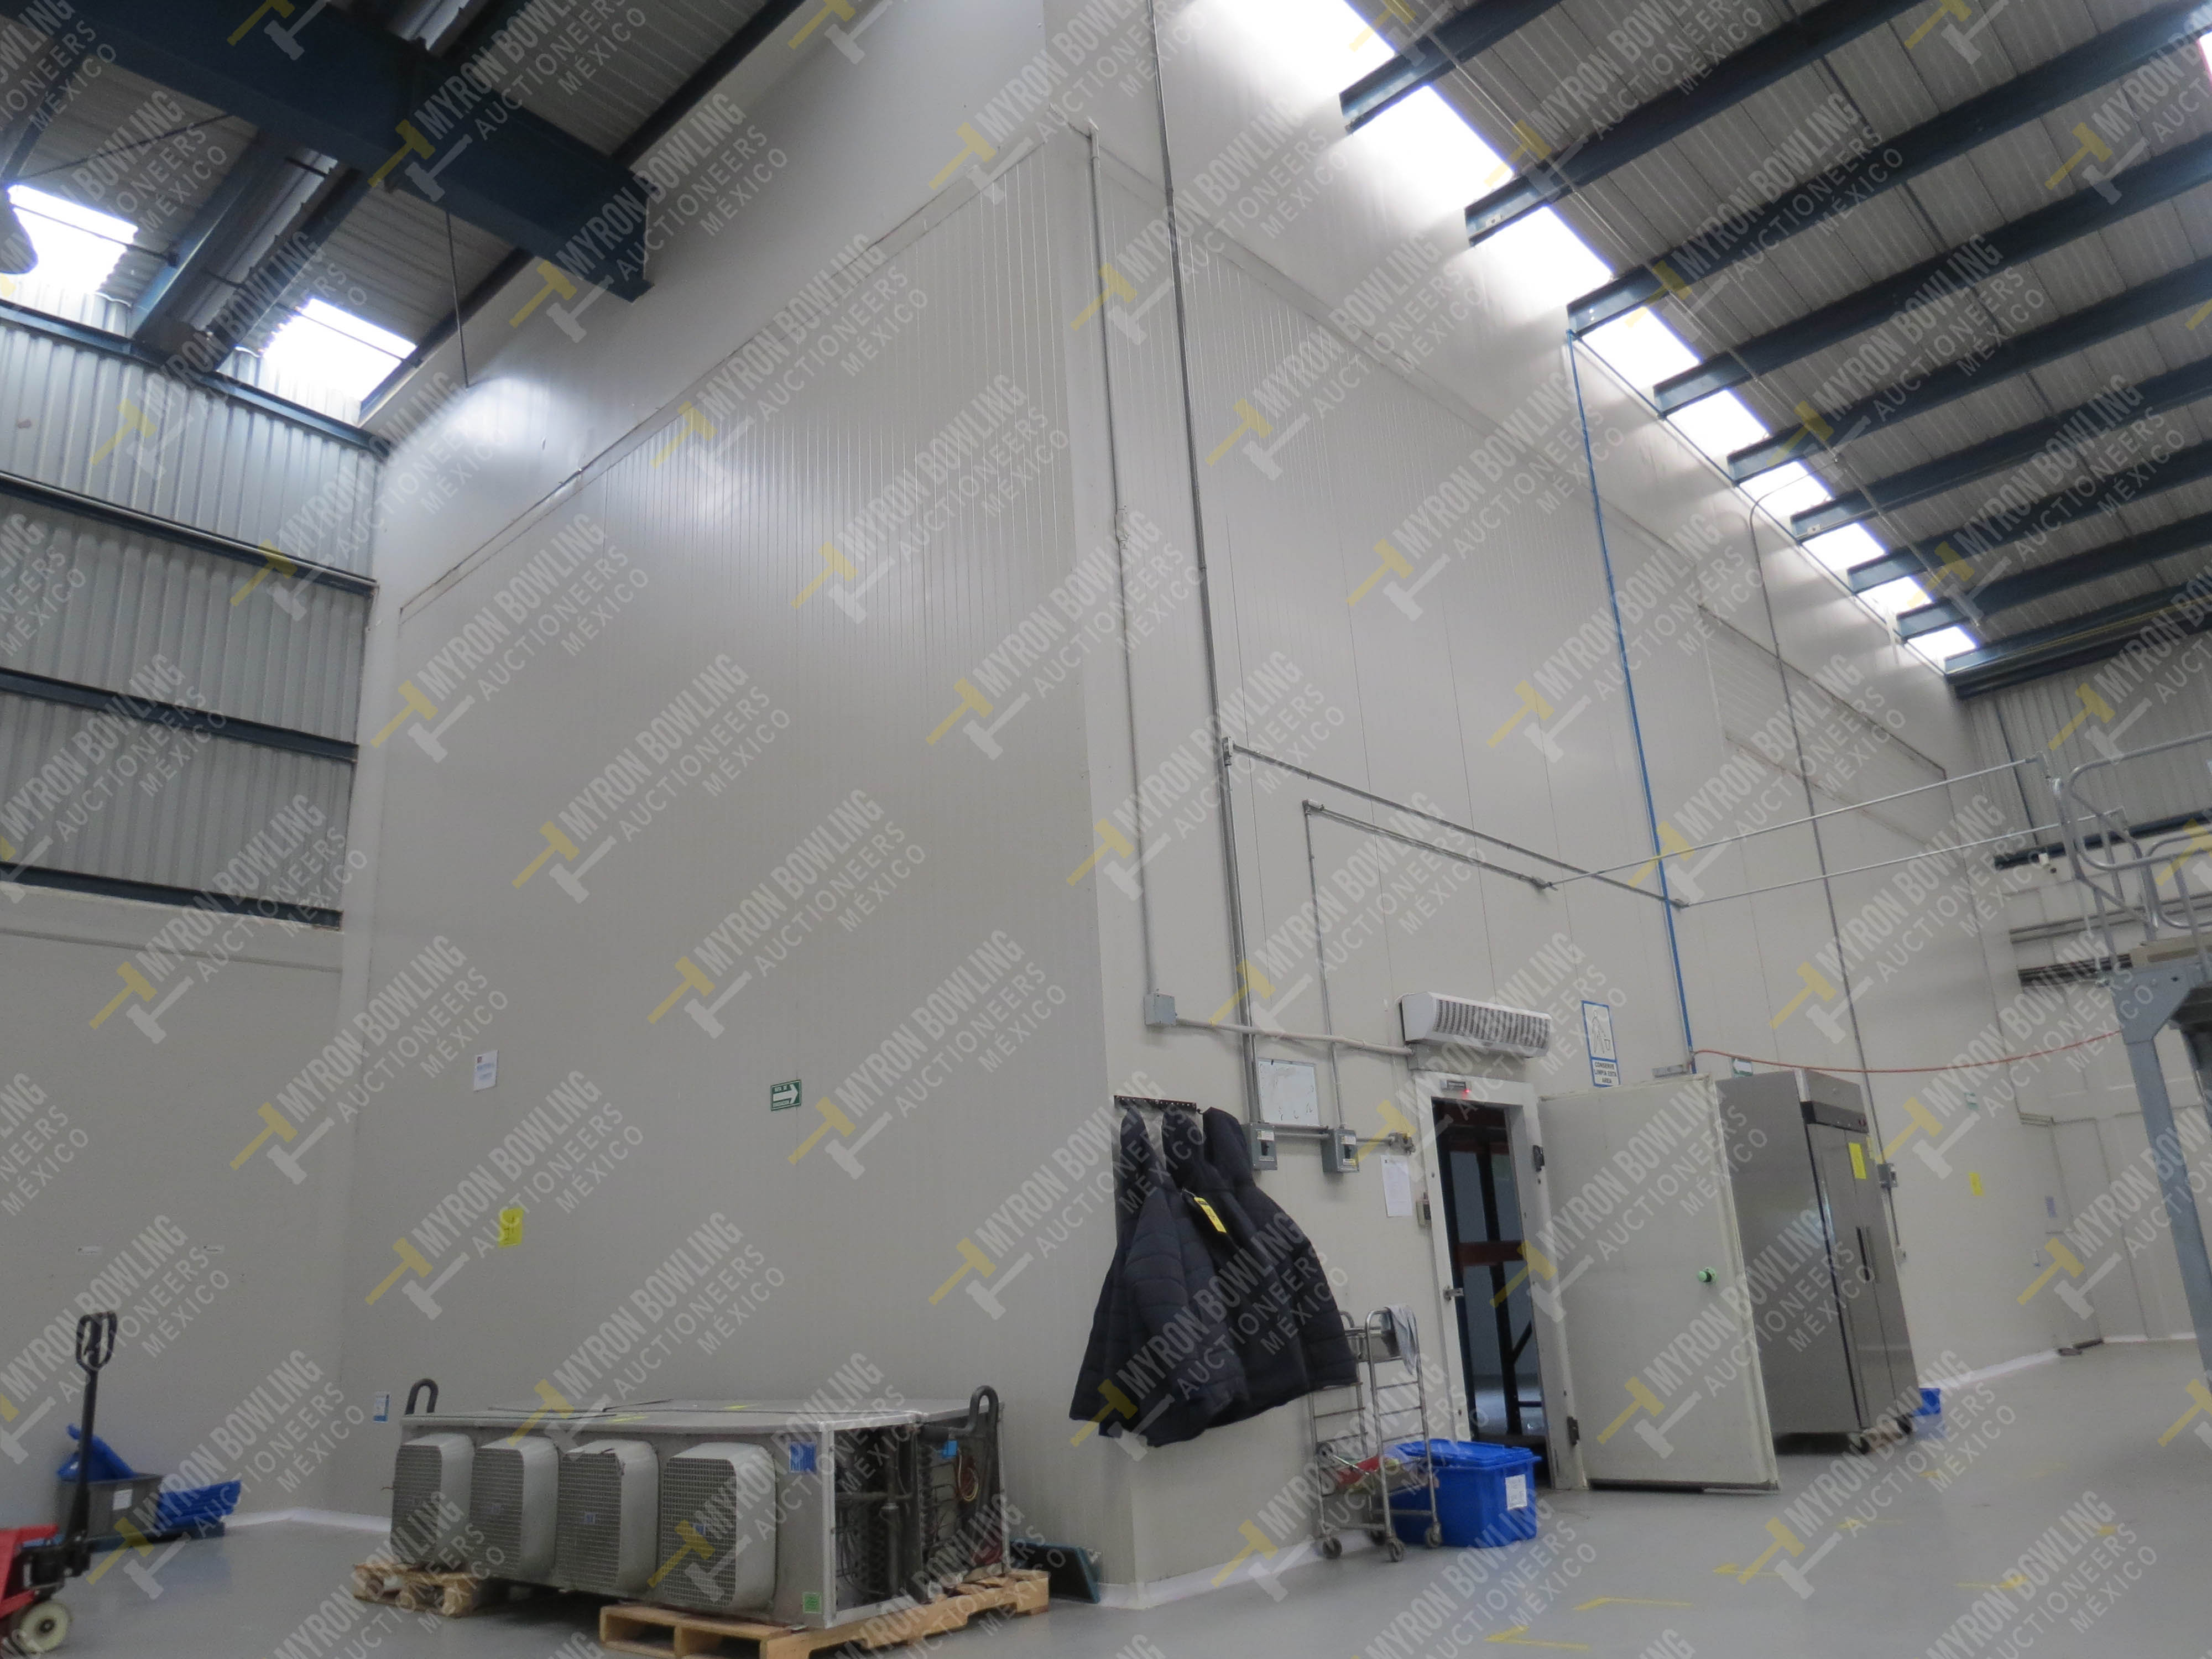 Cámara de refrigeración marca Krack, Modelo CSD-0301-L4K-133DD medidas 6.80 x 13.30 x 5.80